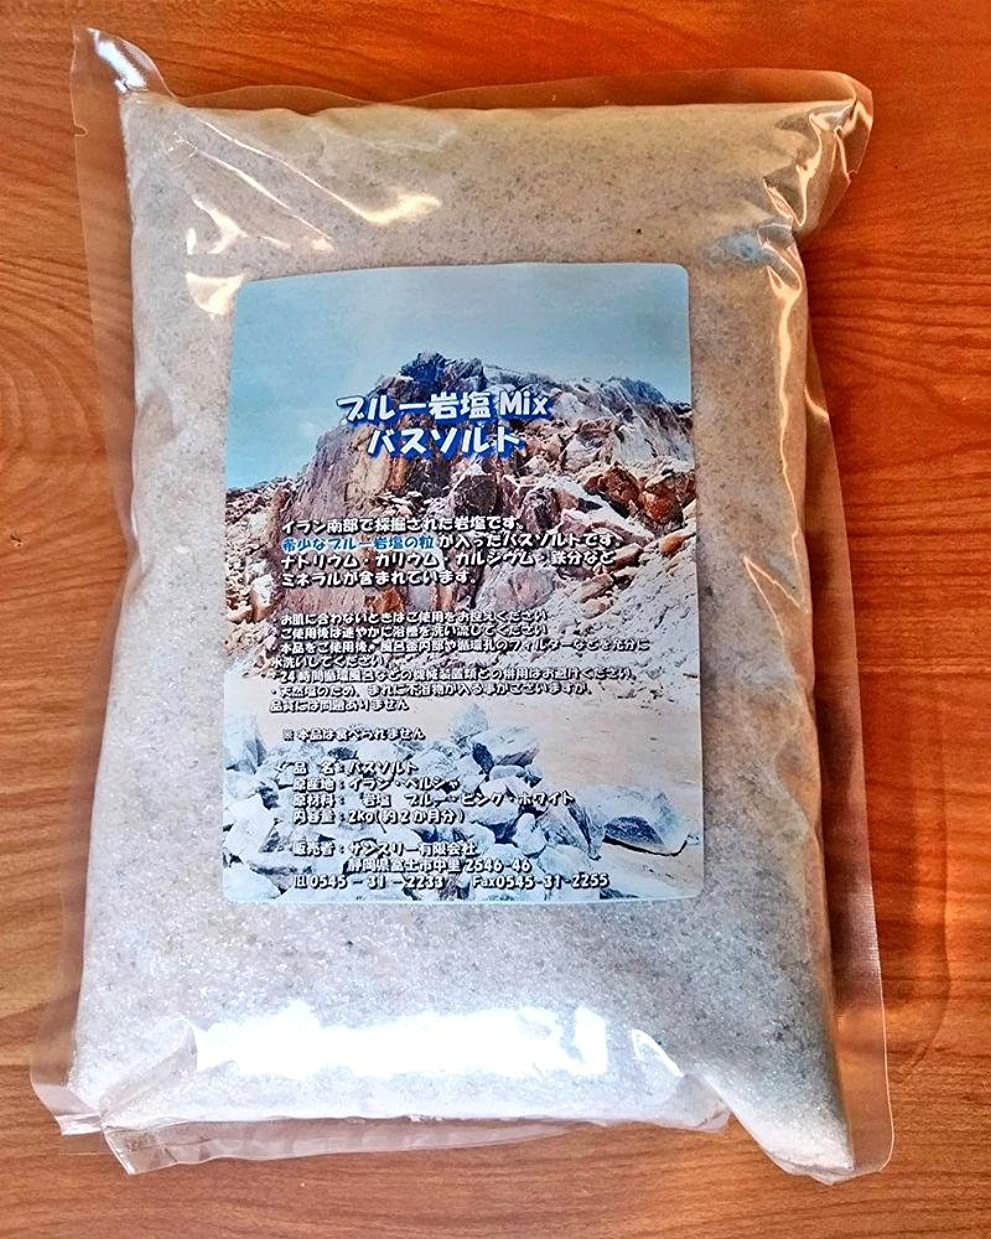 運河市民権送料ブルー岩塩Mixバスソルト2kg